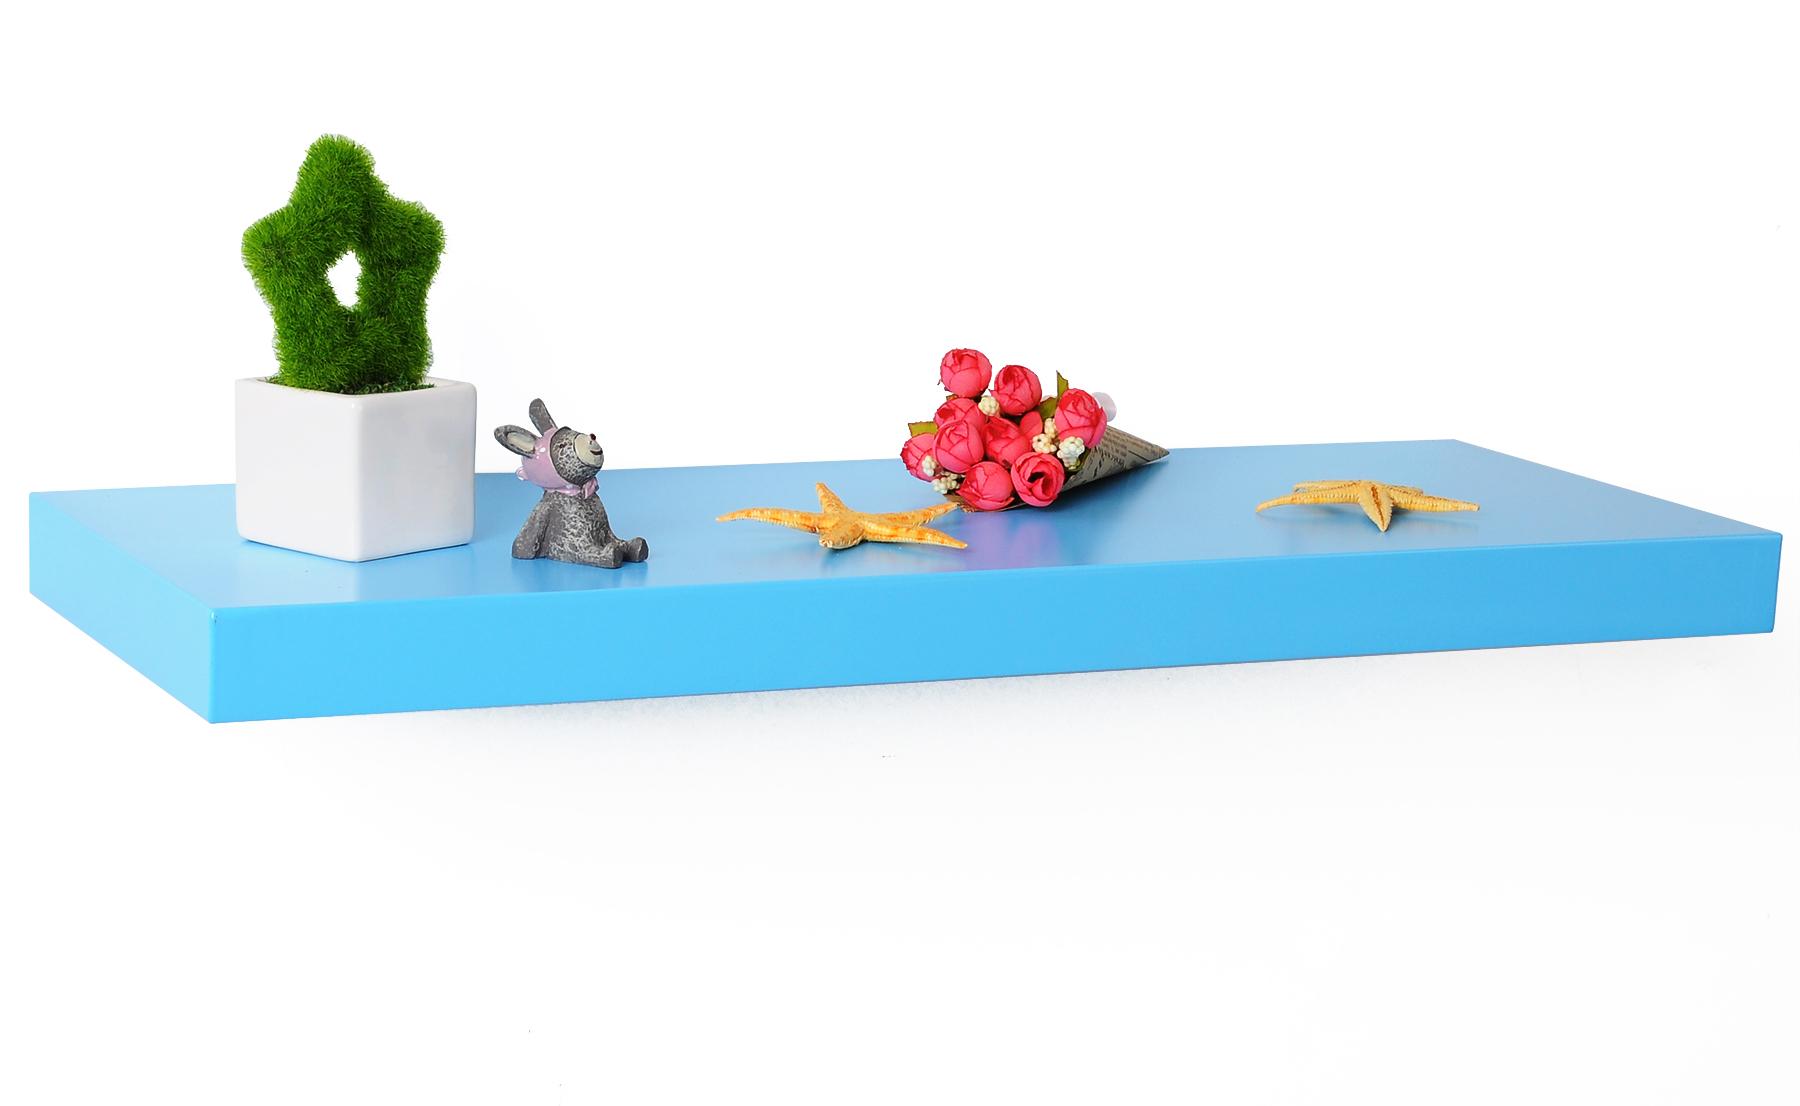 wandboard wandregal mdf holz b cherregal h ngeregal 100cm. Black Bedroom Furniture Sets. Home Design Ideas